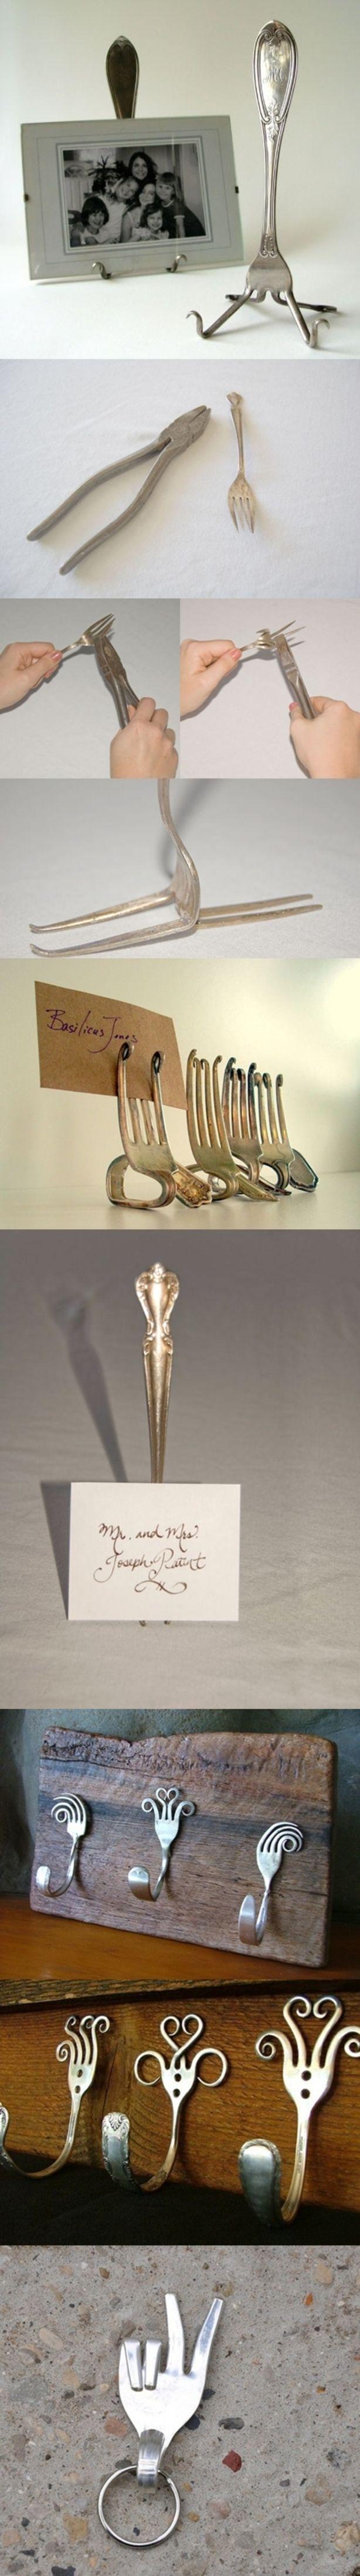 Meer dan 1000 ideeën over Metalen Tafels op Pinterest - Veranda ...